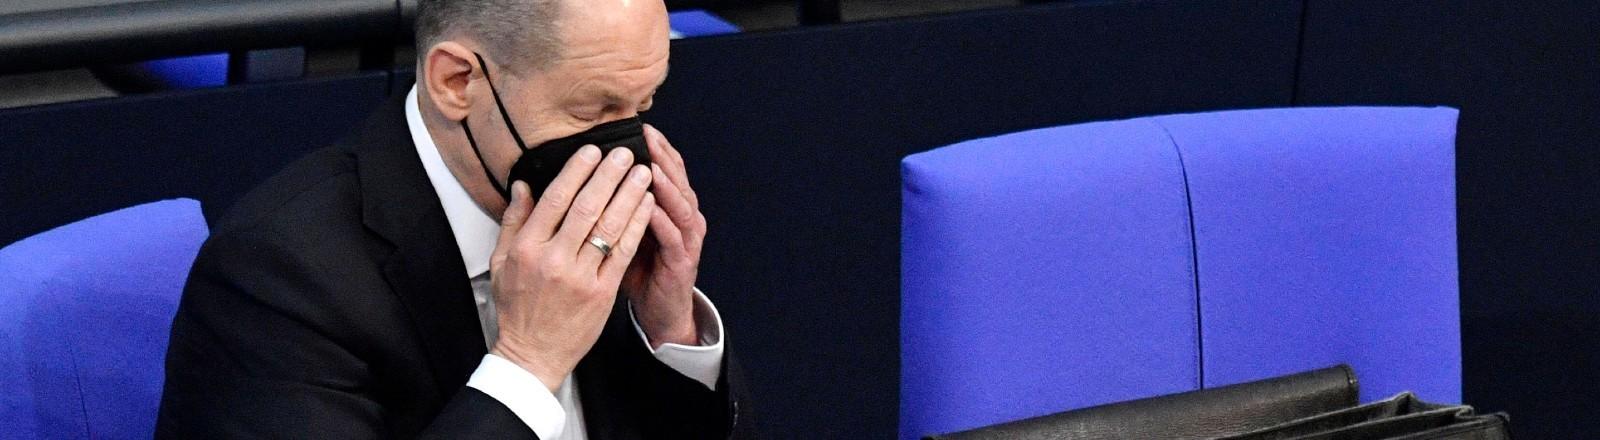 Olaf Scholz bei einer Sitzung im Bundestag.